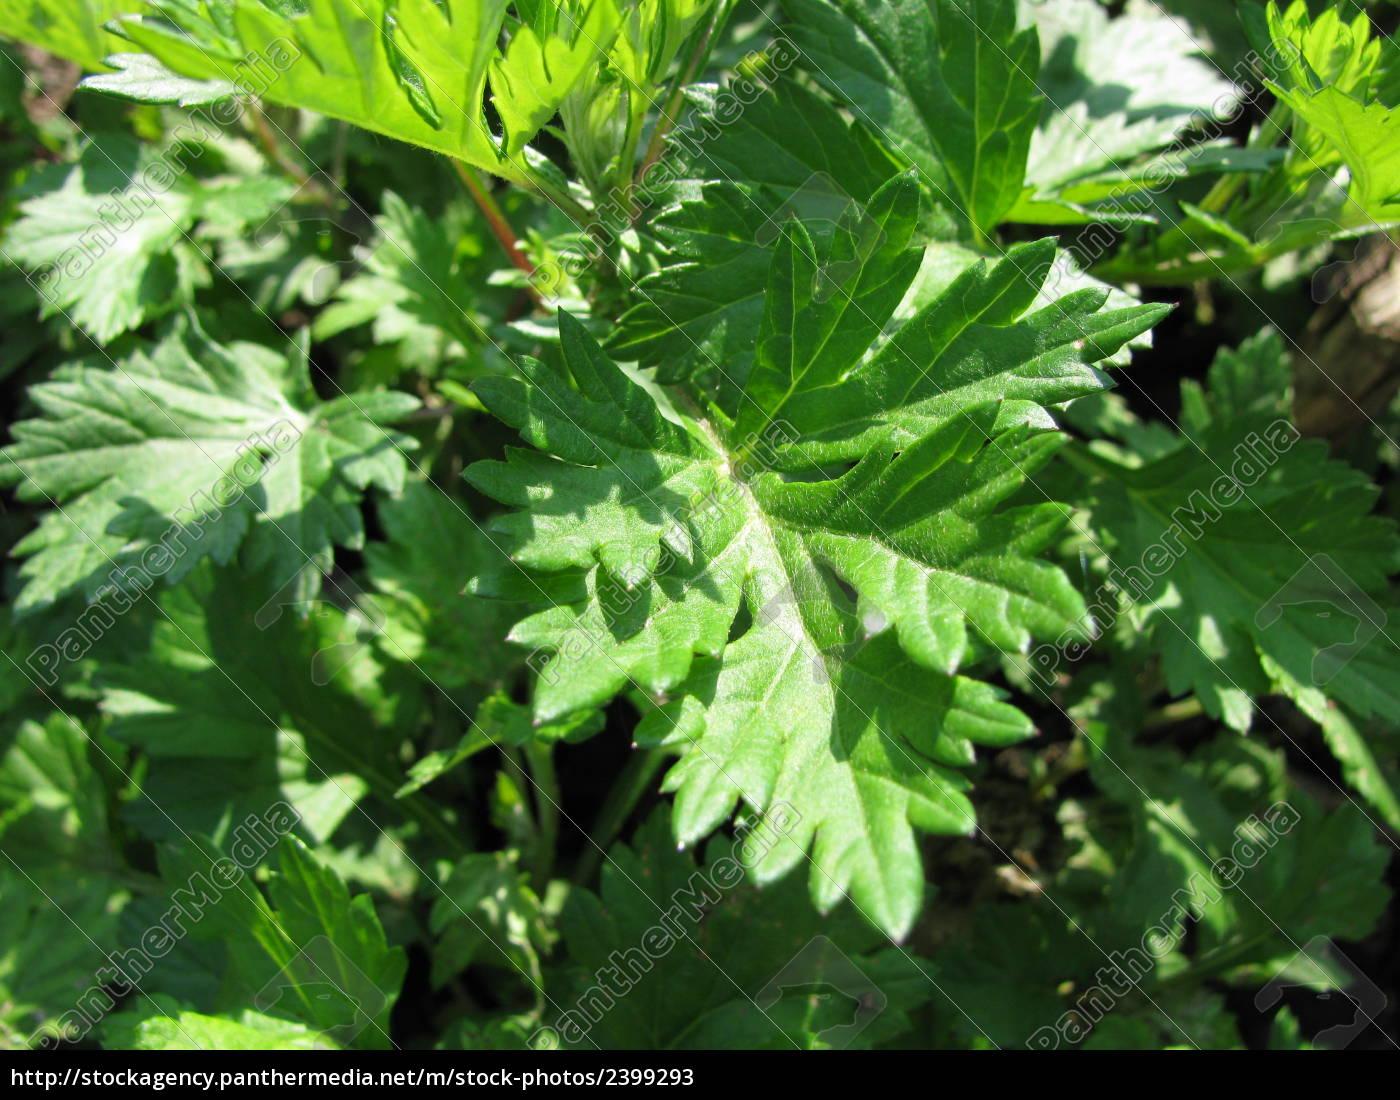 common, mugwort, artemisia, vulgaris - 2399293